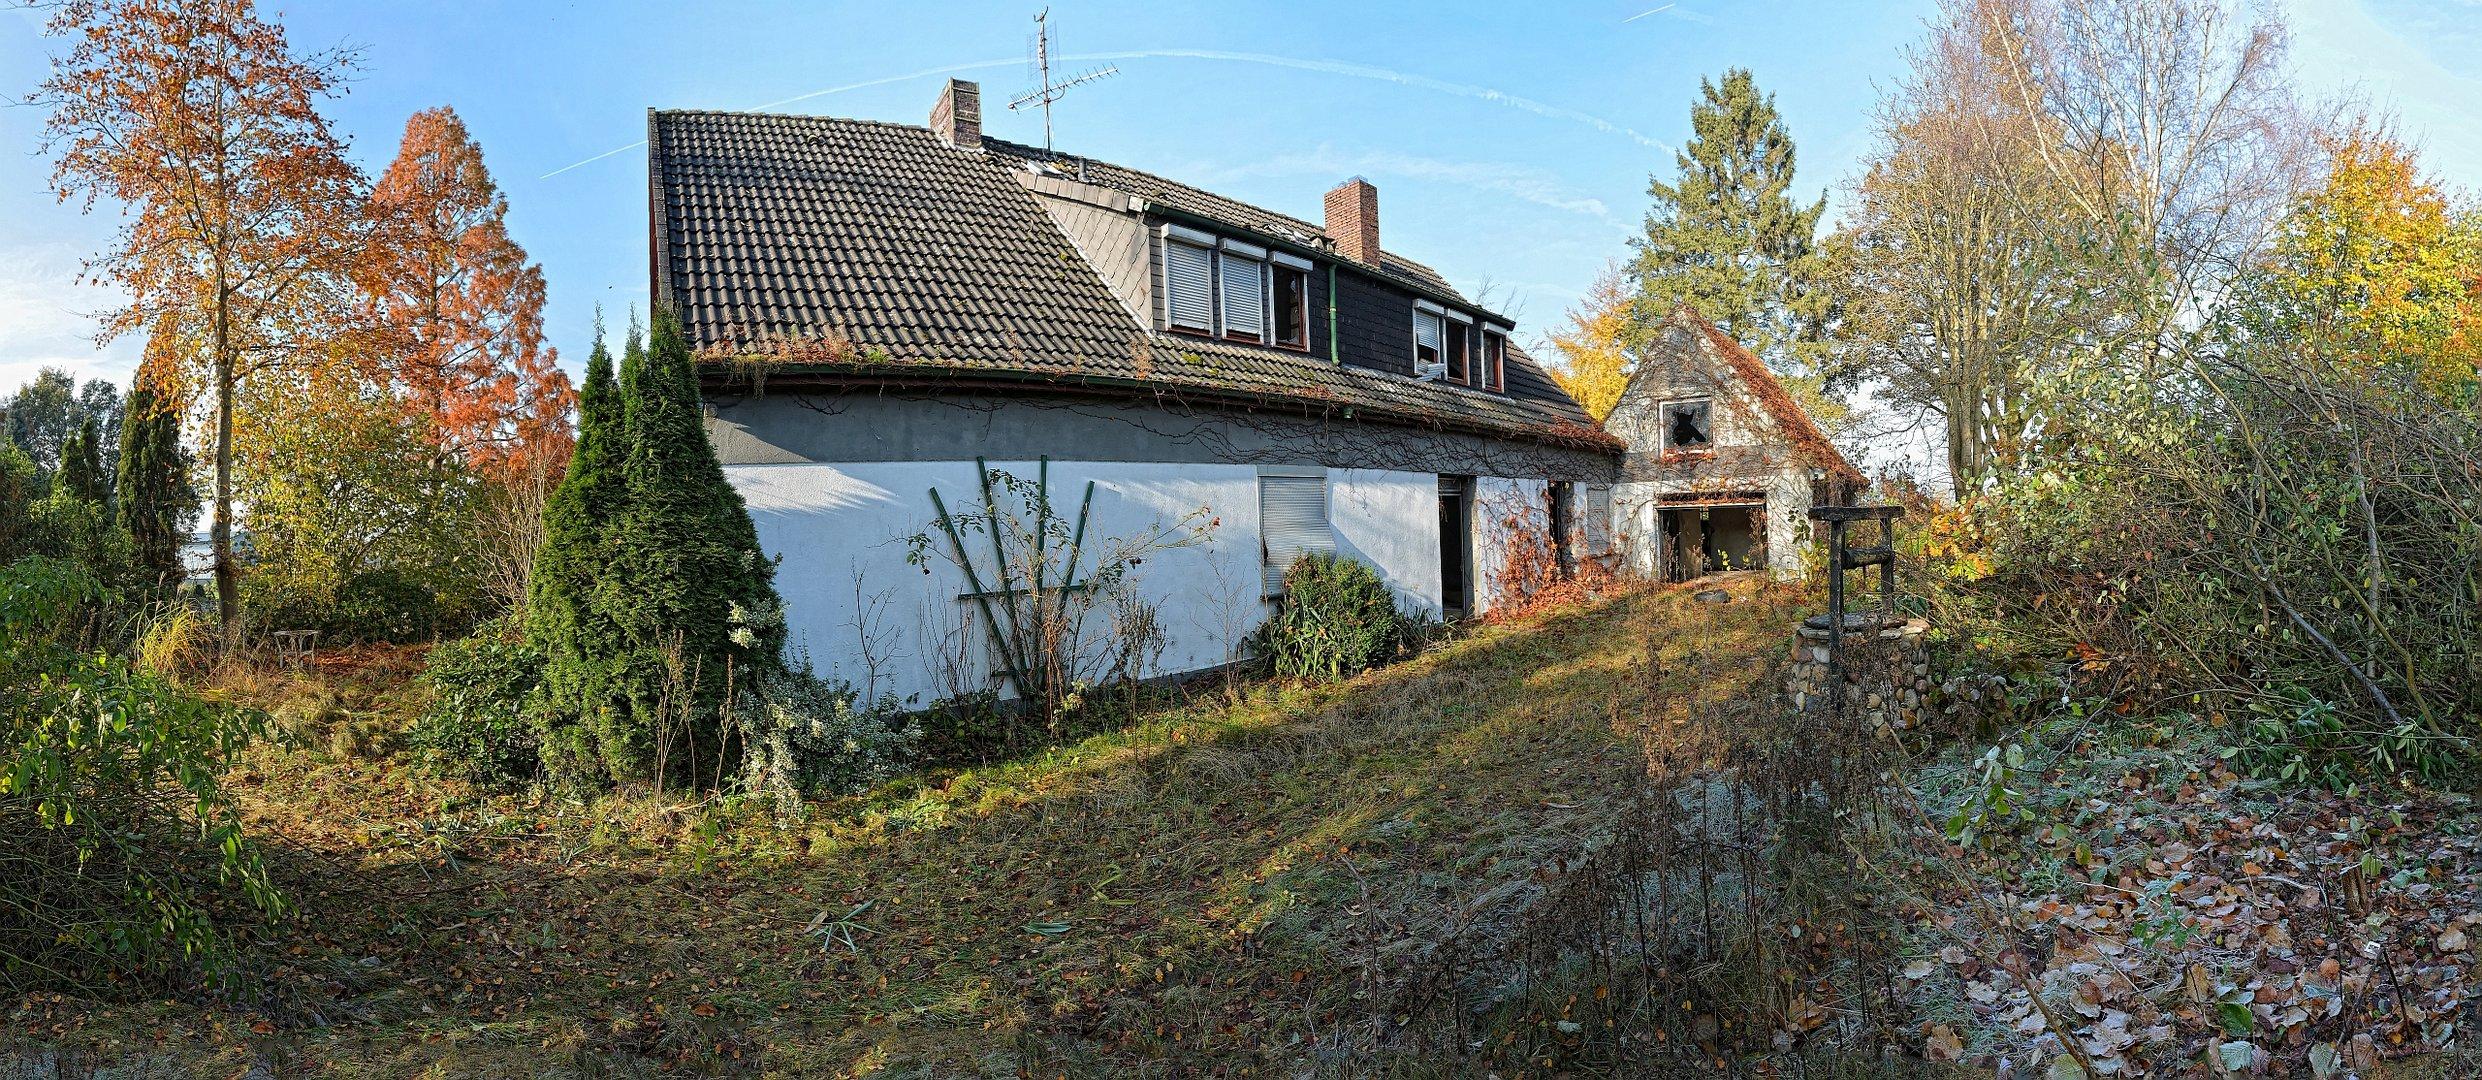 Fotocommunity_161112_Haus-freihand-Pano